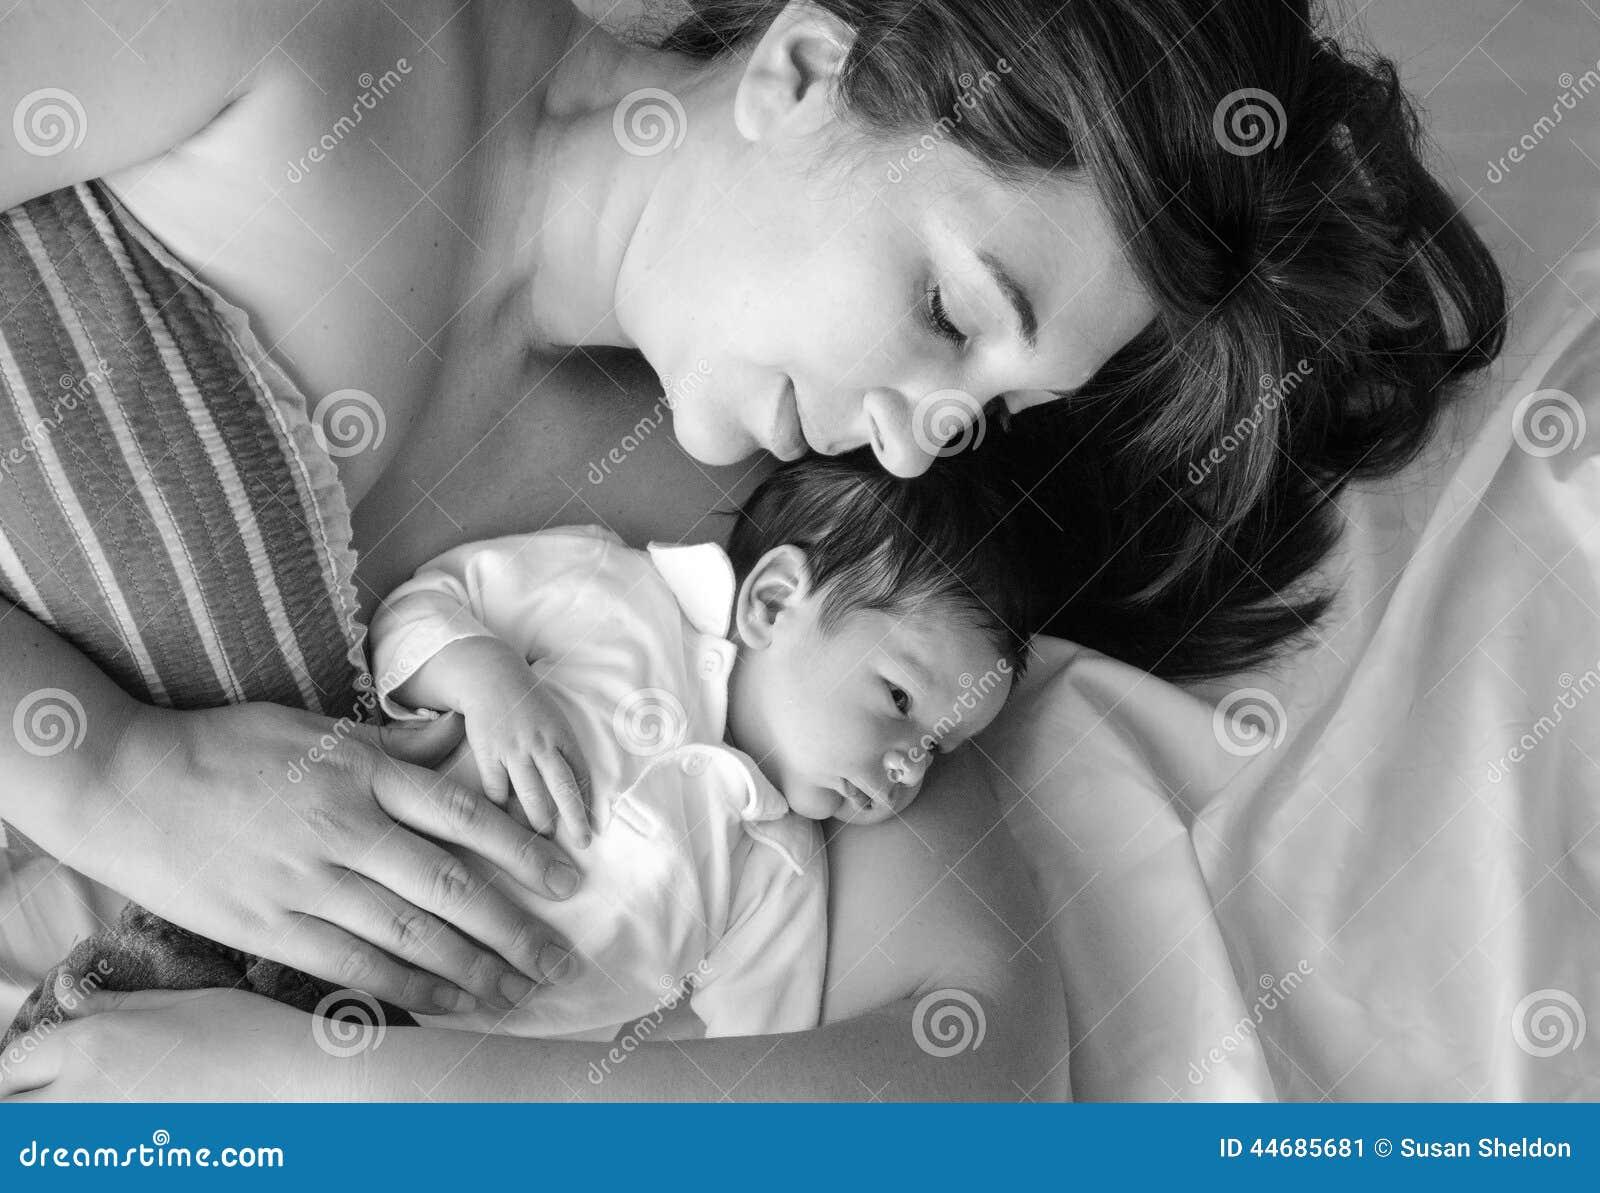 datazione un ragazzo con 3 baby Mamas